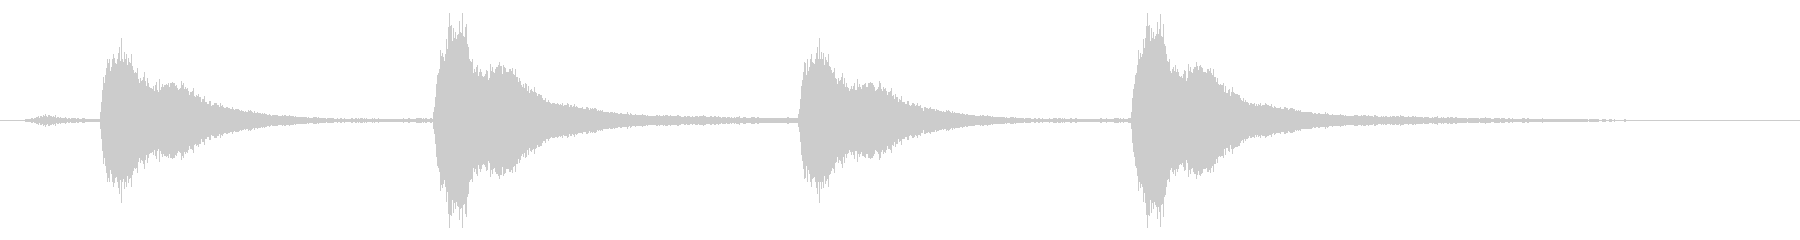 レプトン教会C#ベル:4つのリングの未再生の波形